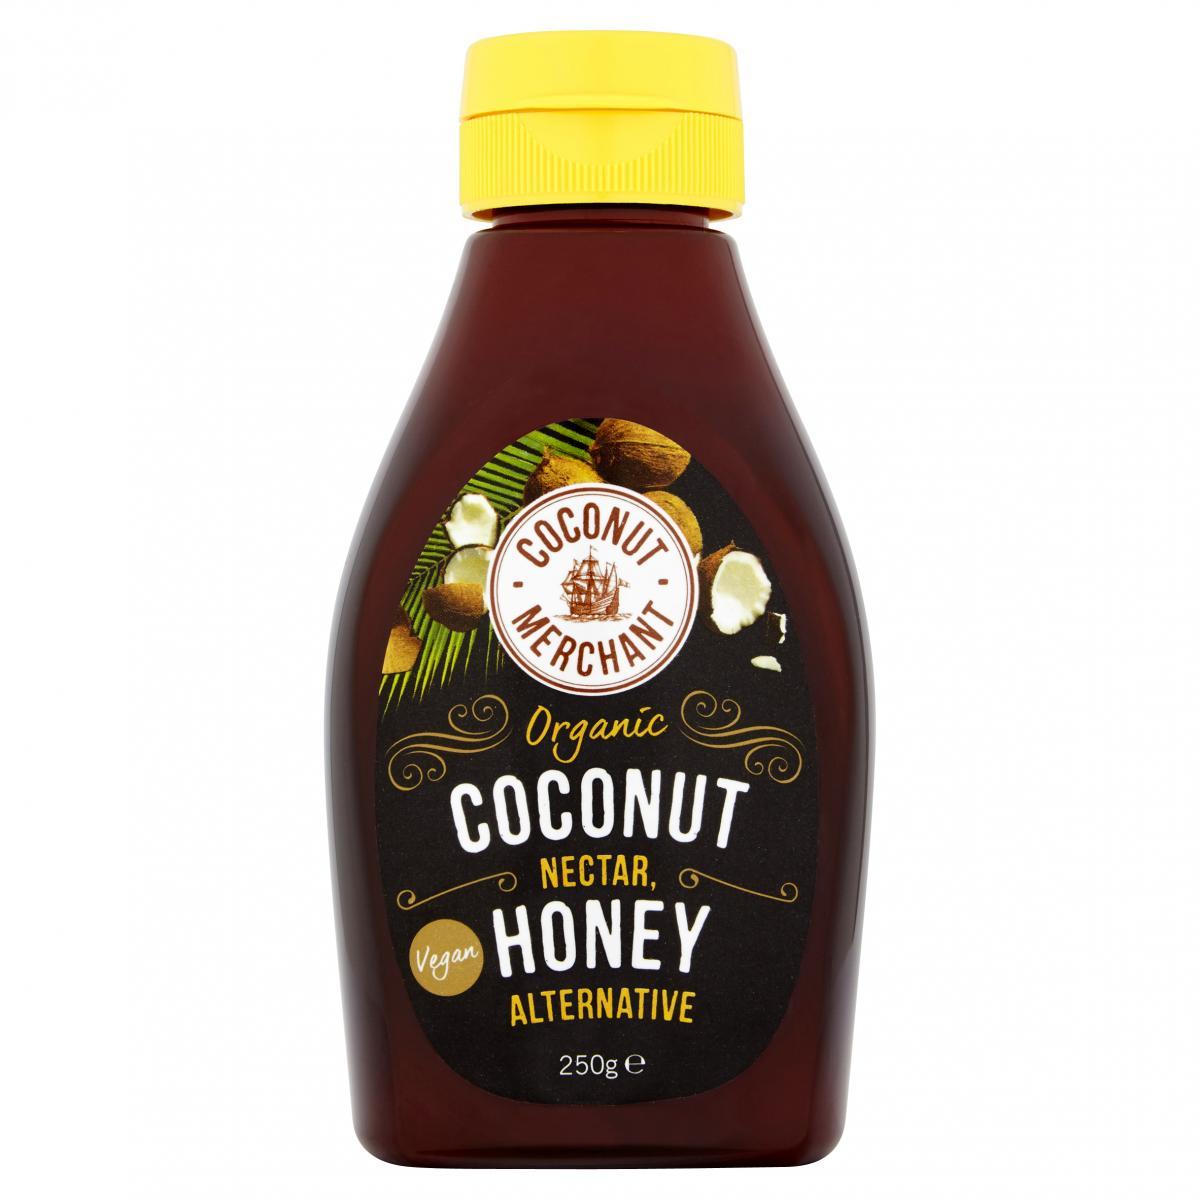 Organikus kókusznektár - Méz alternatíva 250g